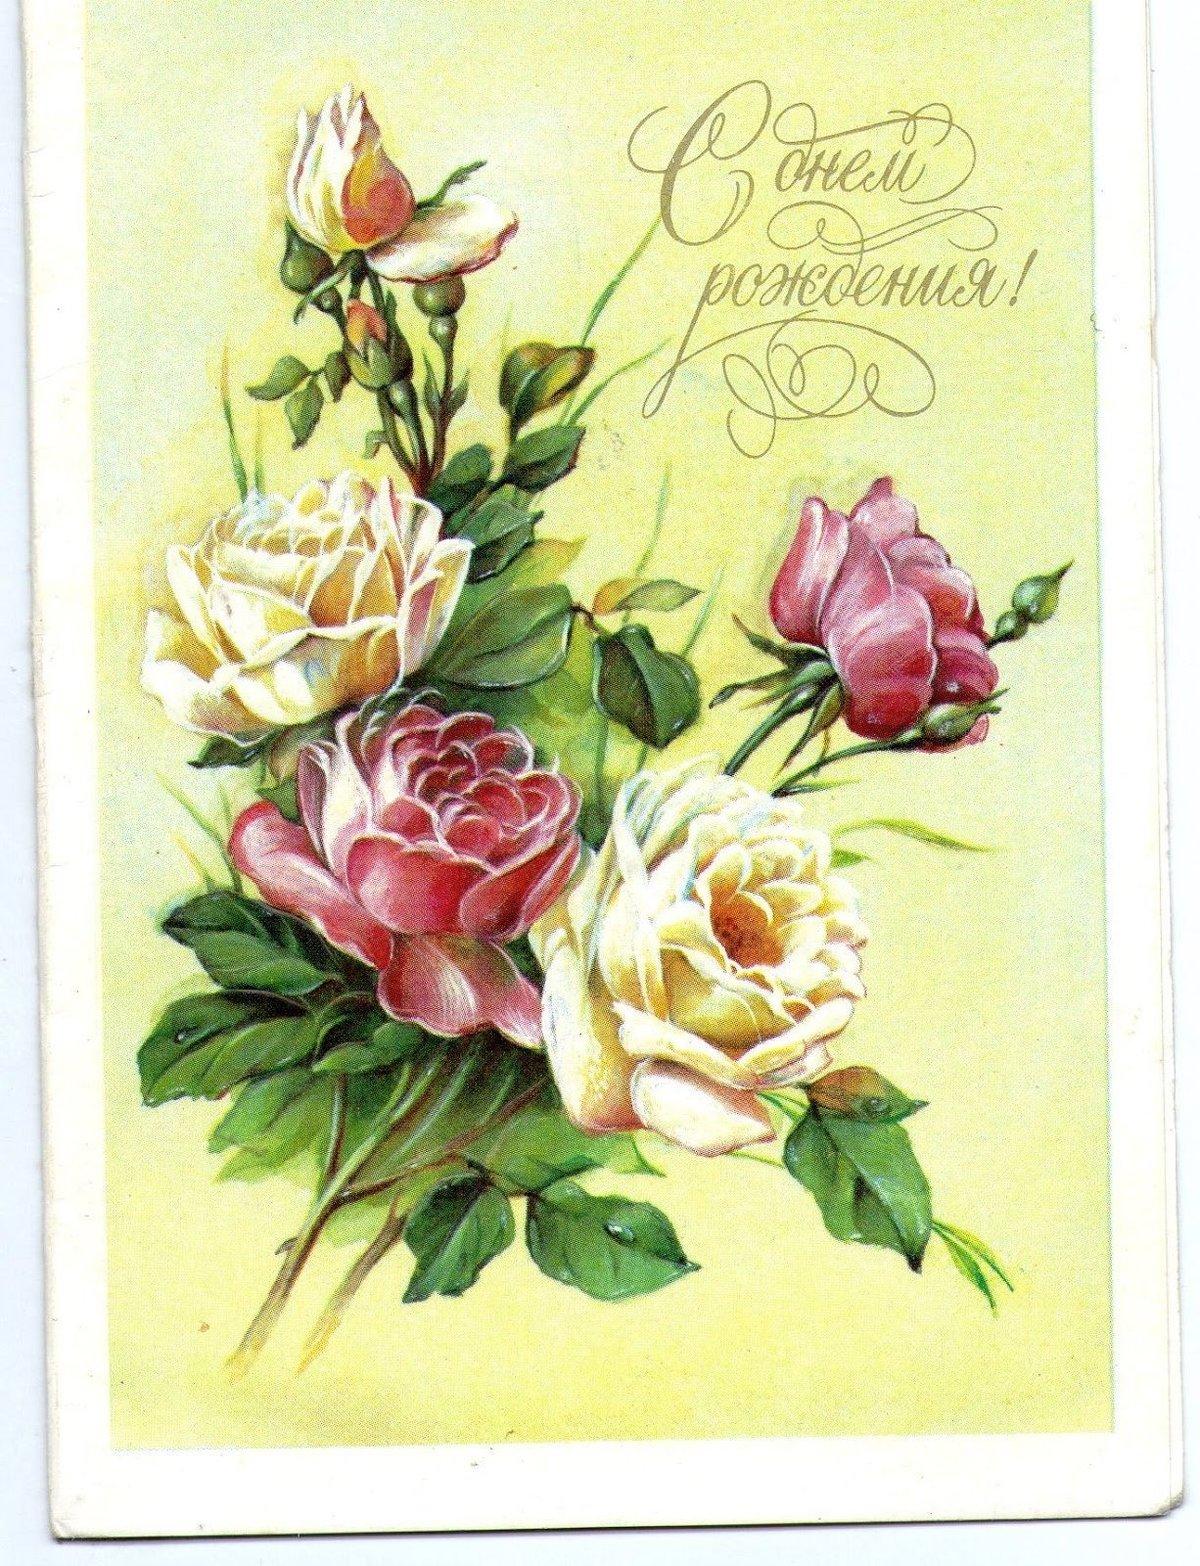 Поздравления с днем рождения открытки ретро, где